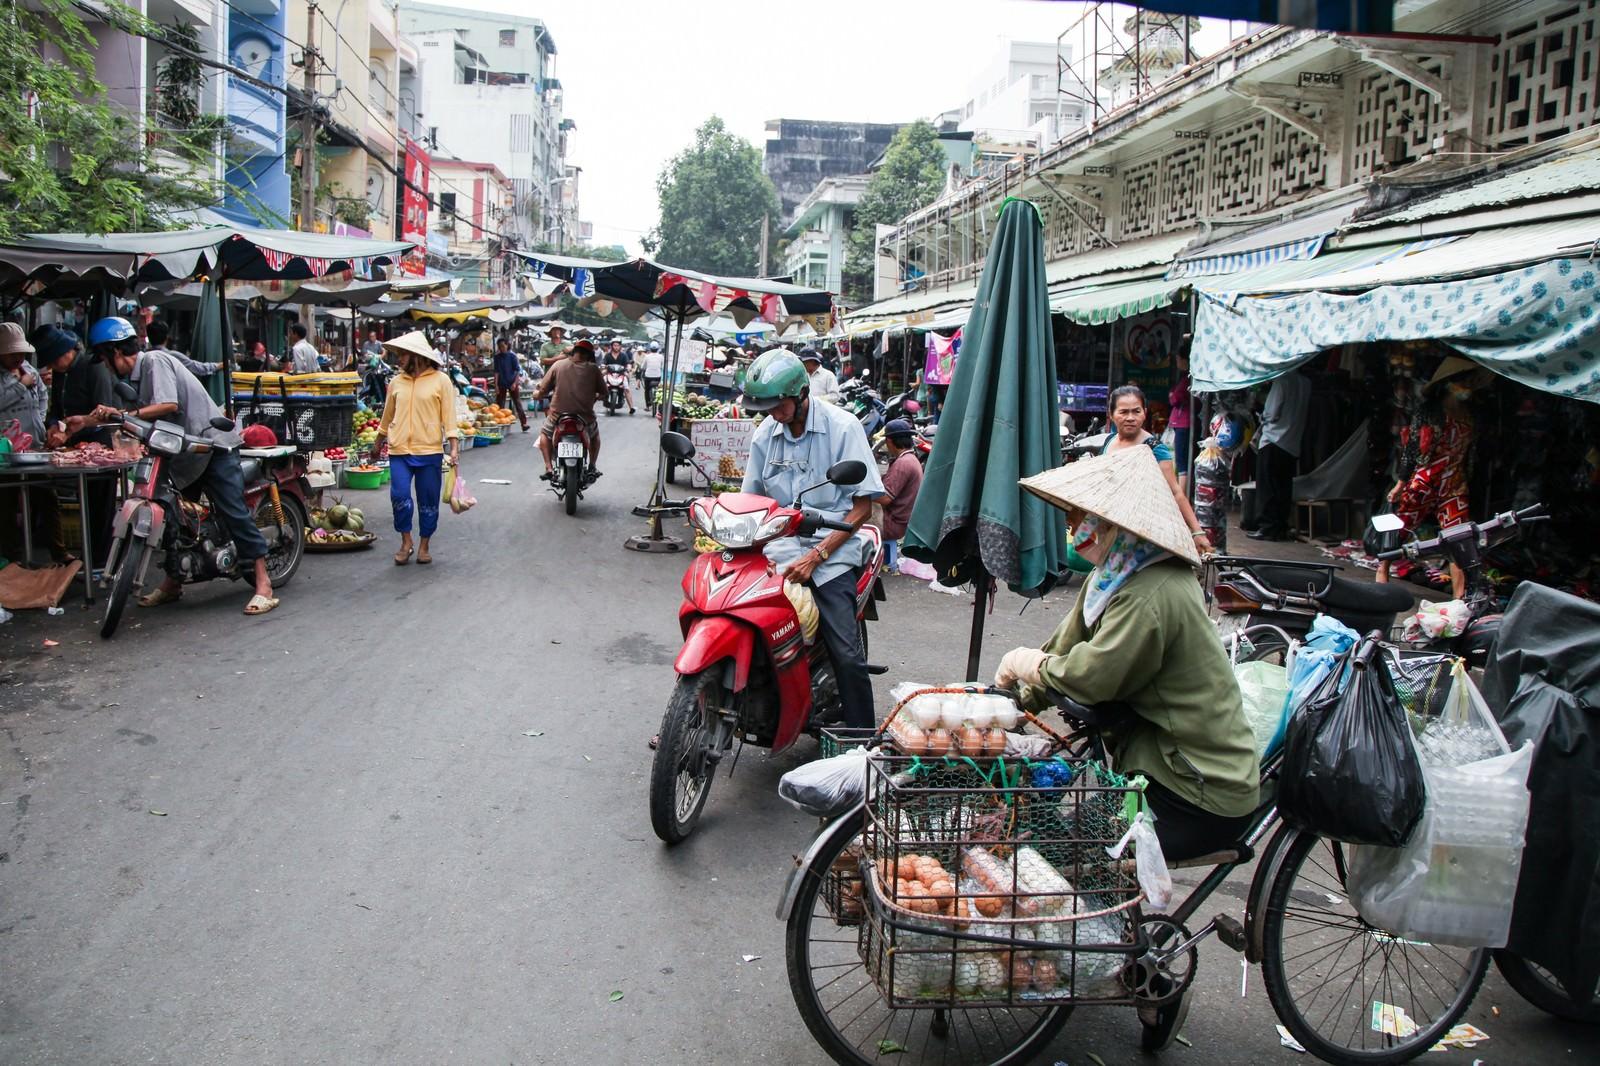 「ベトナムホーチミンのマーケットの風景」の写真